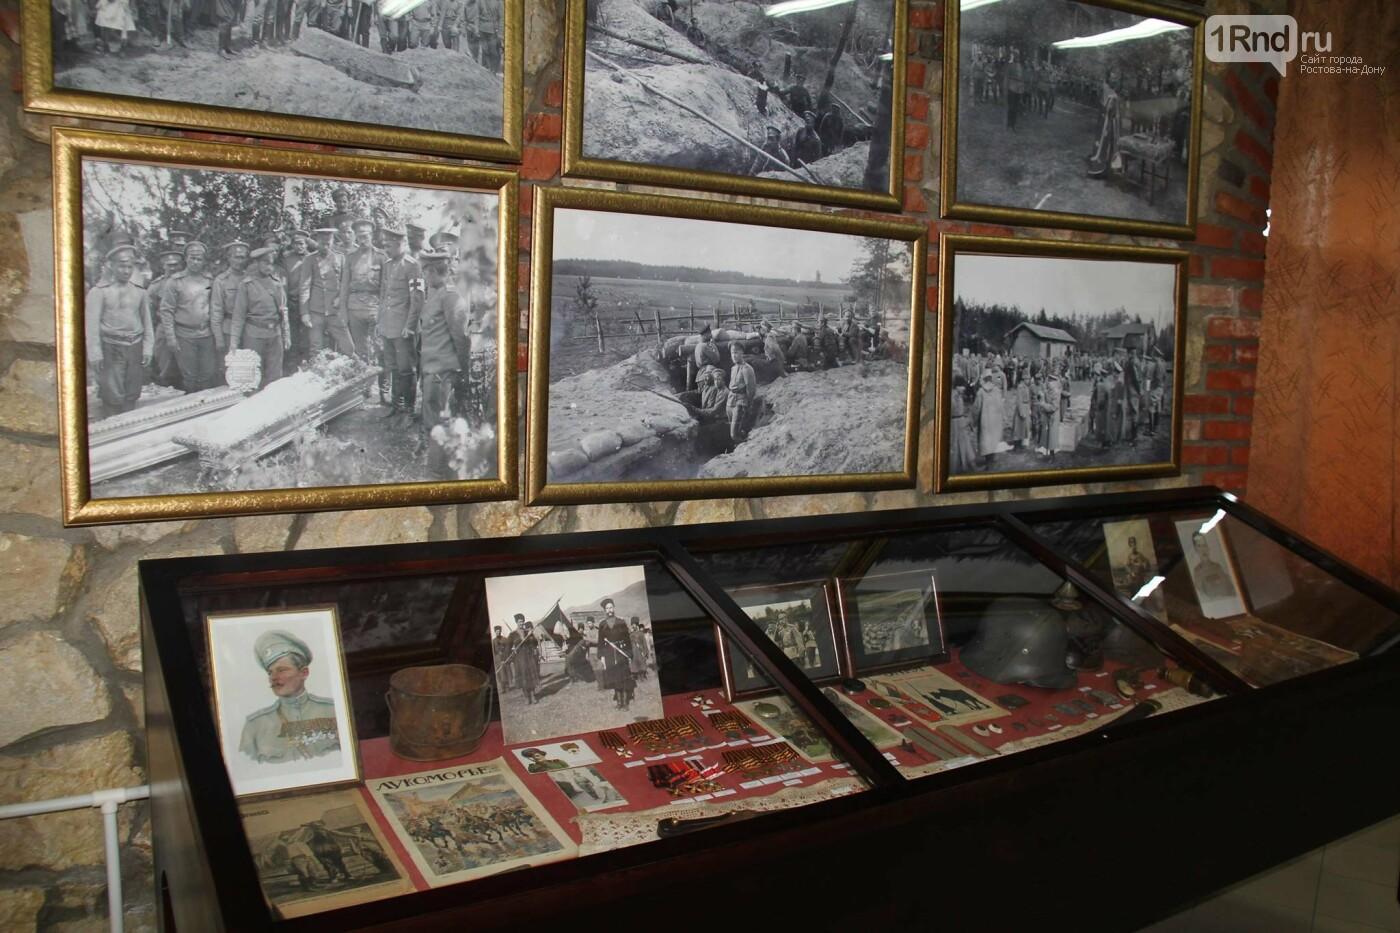 Директору казачьего музея в Еланской грозит обвинение в экстремизме, фото-2